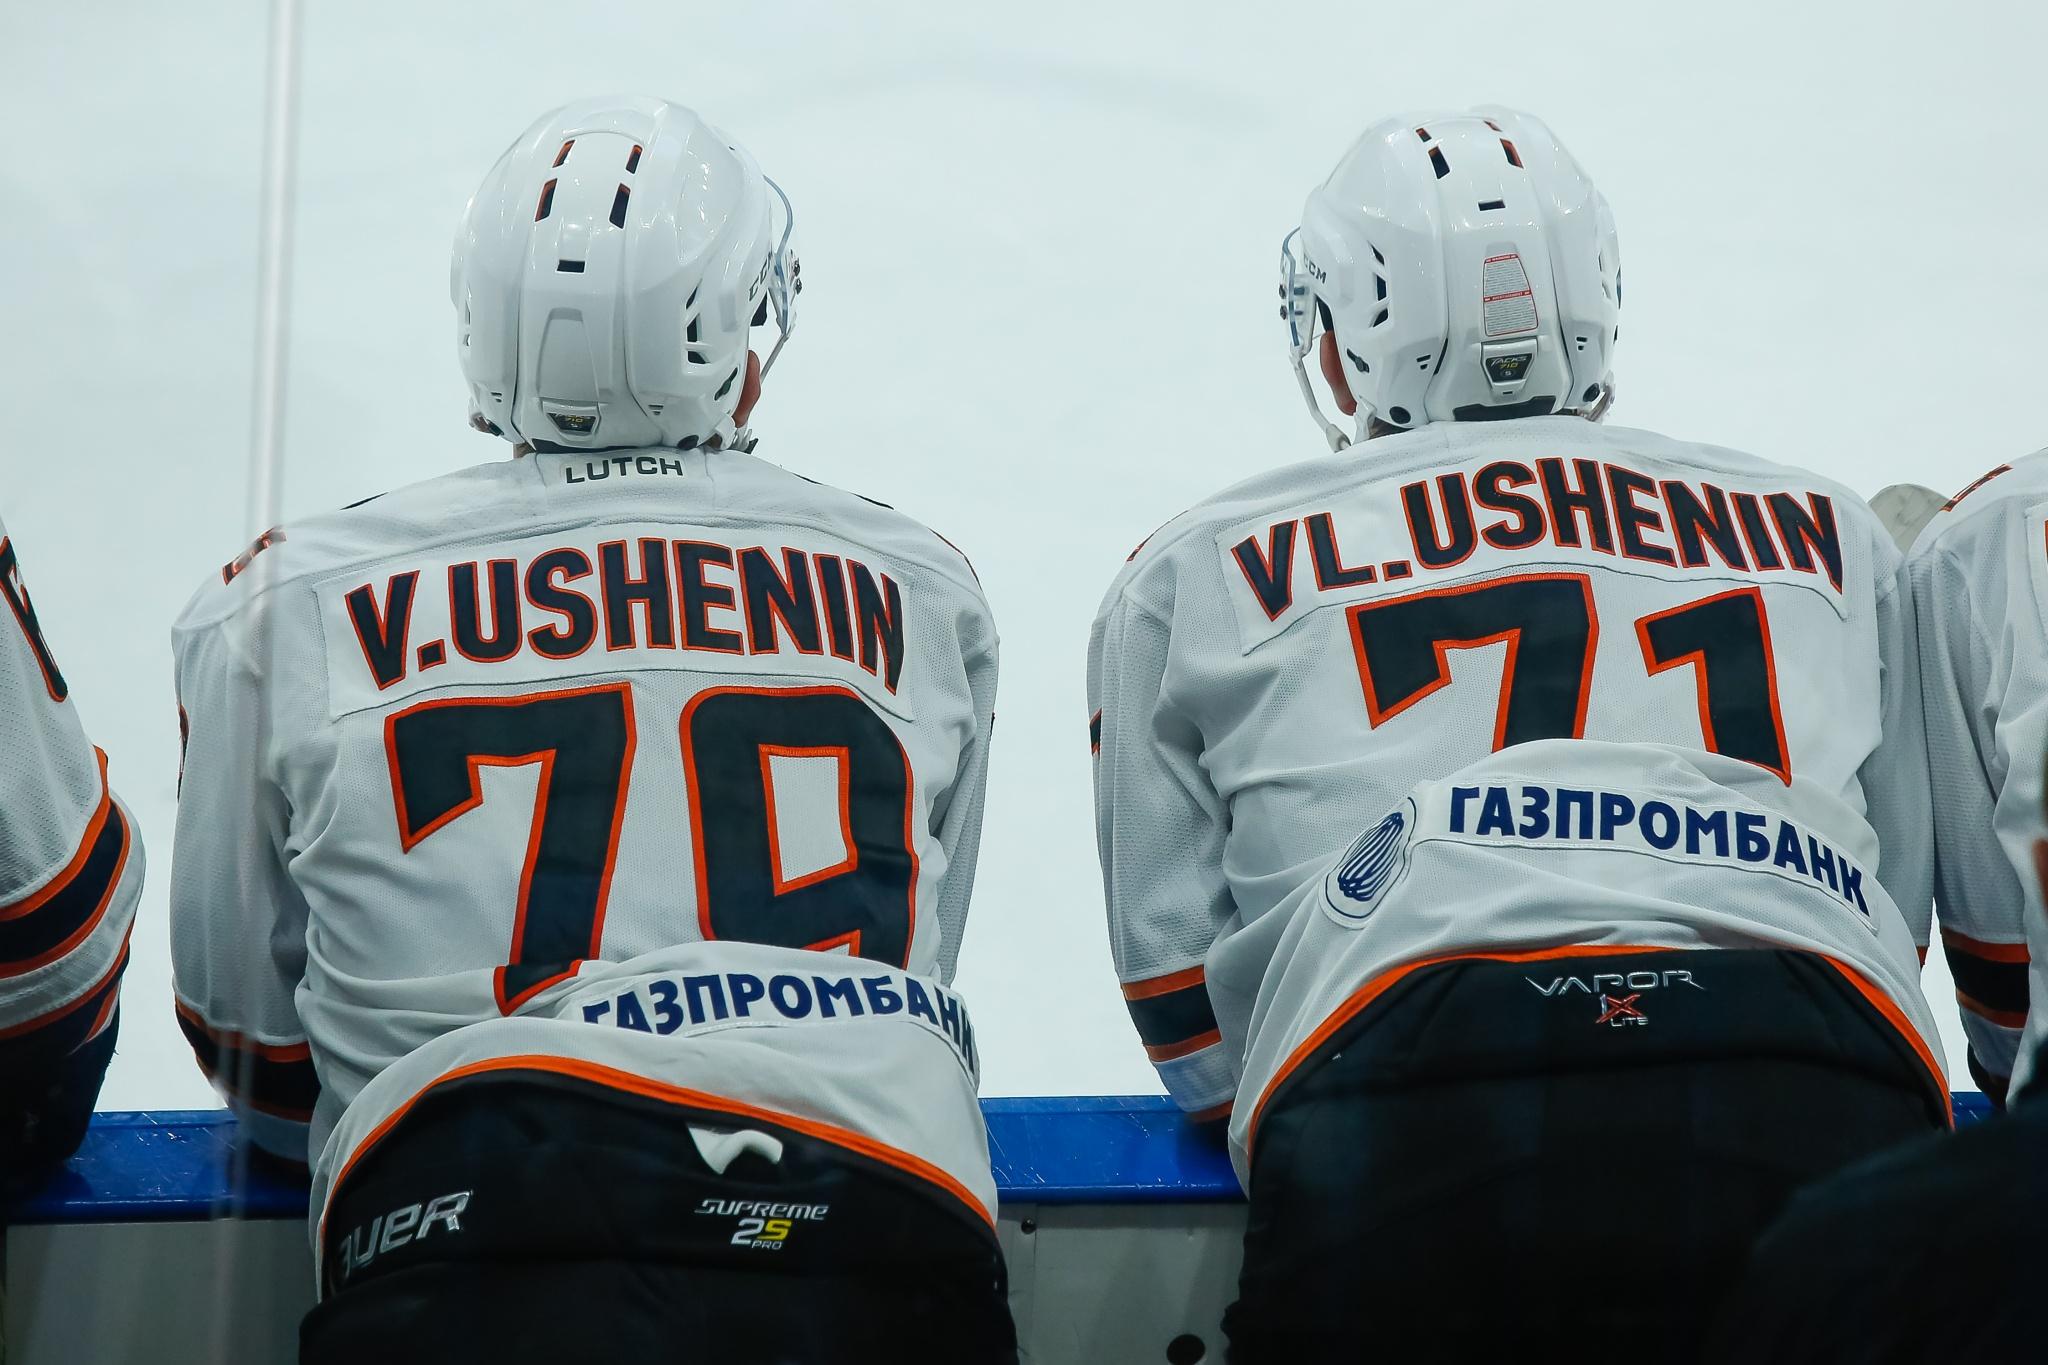 Вячеслав и Владиславы Ушенины. Фото: Максим Шмаков